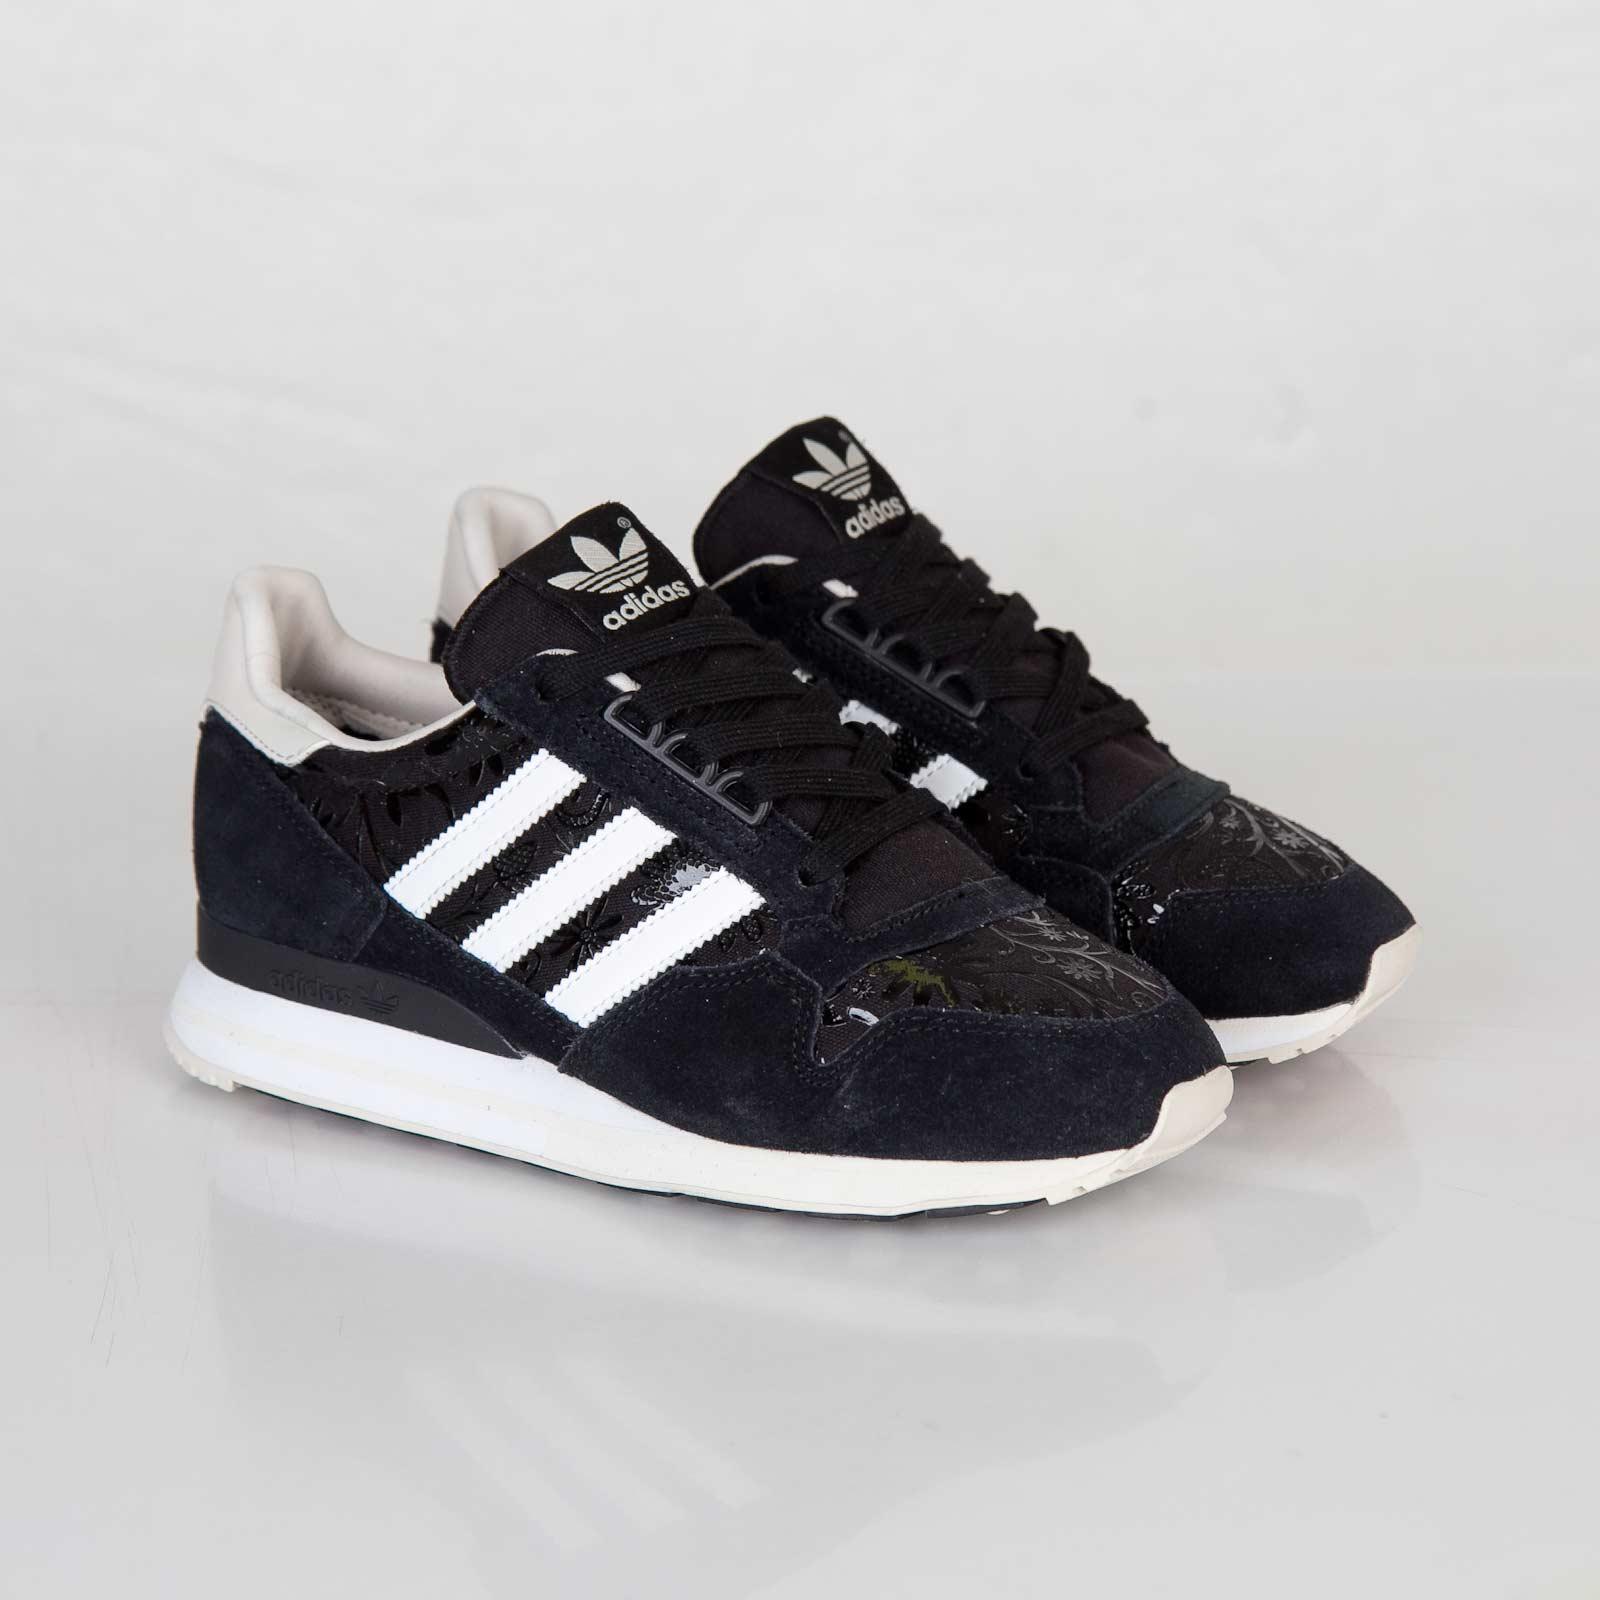 adidas zx 500 og zwart